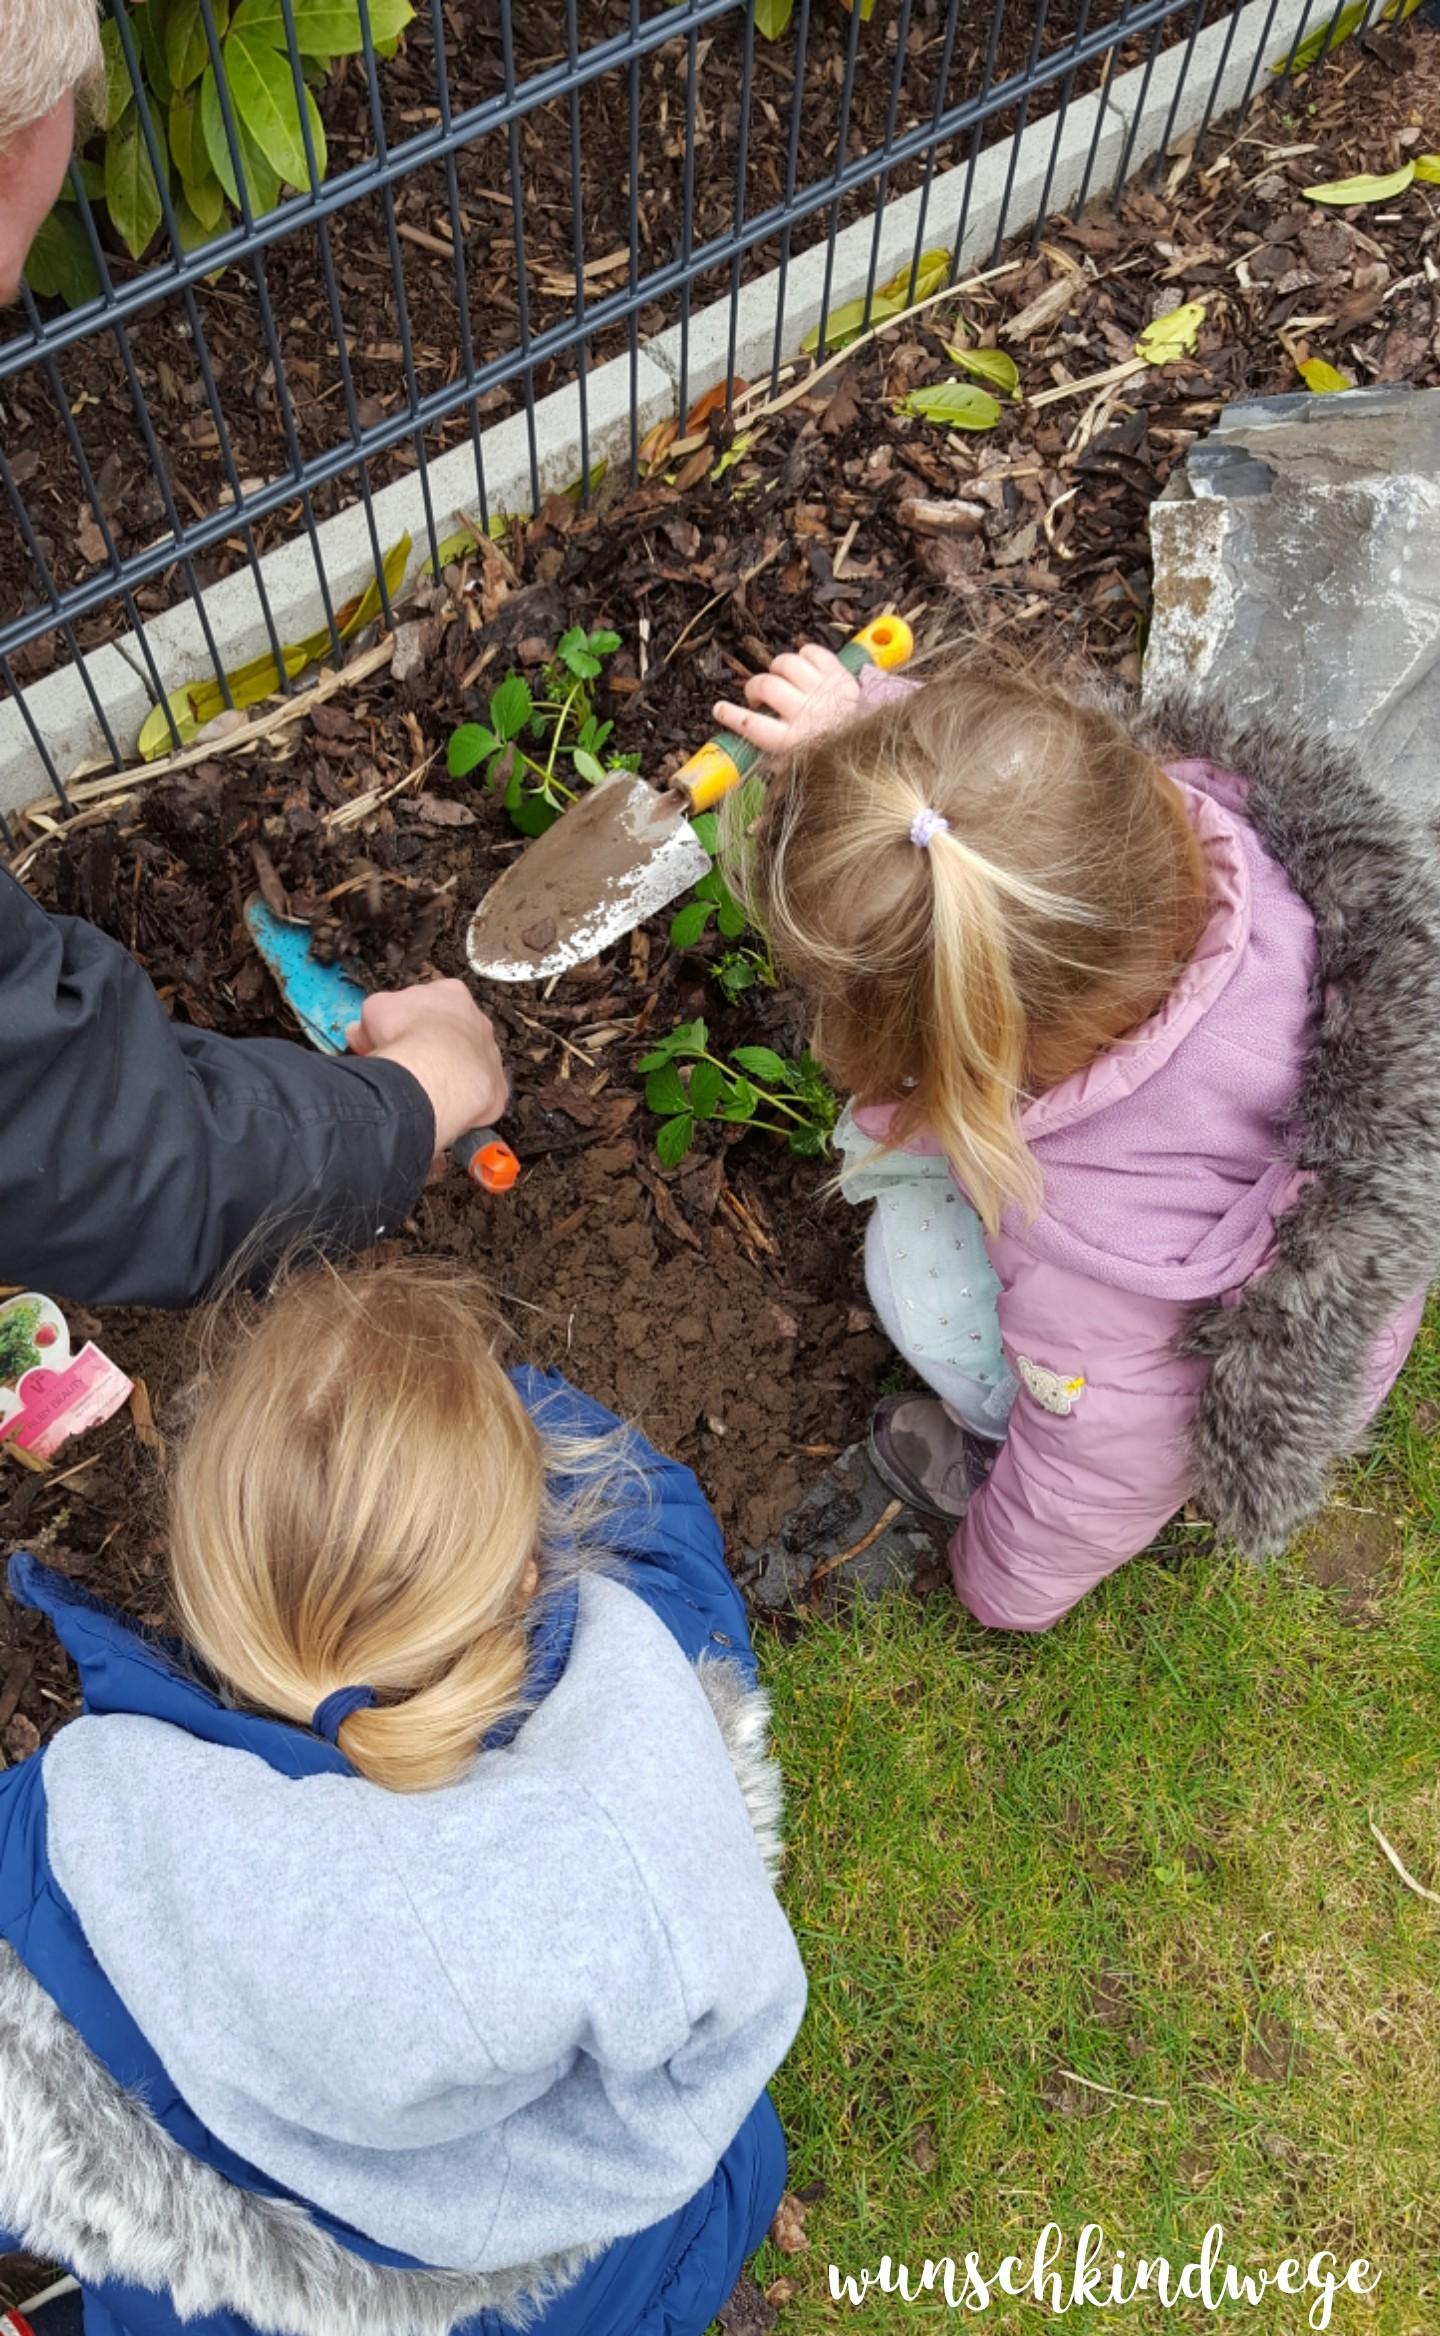 Osterwochenende in Bildern: Gartenarbeit